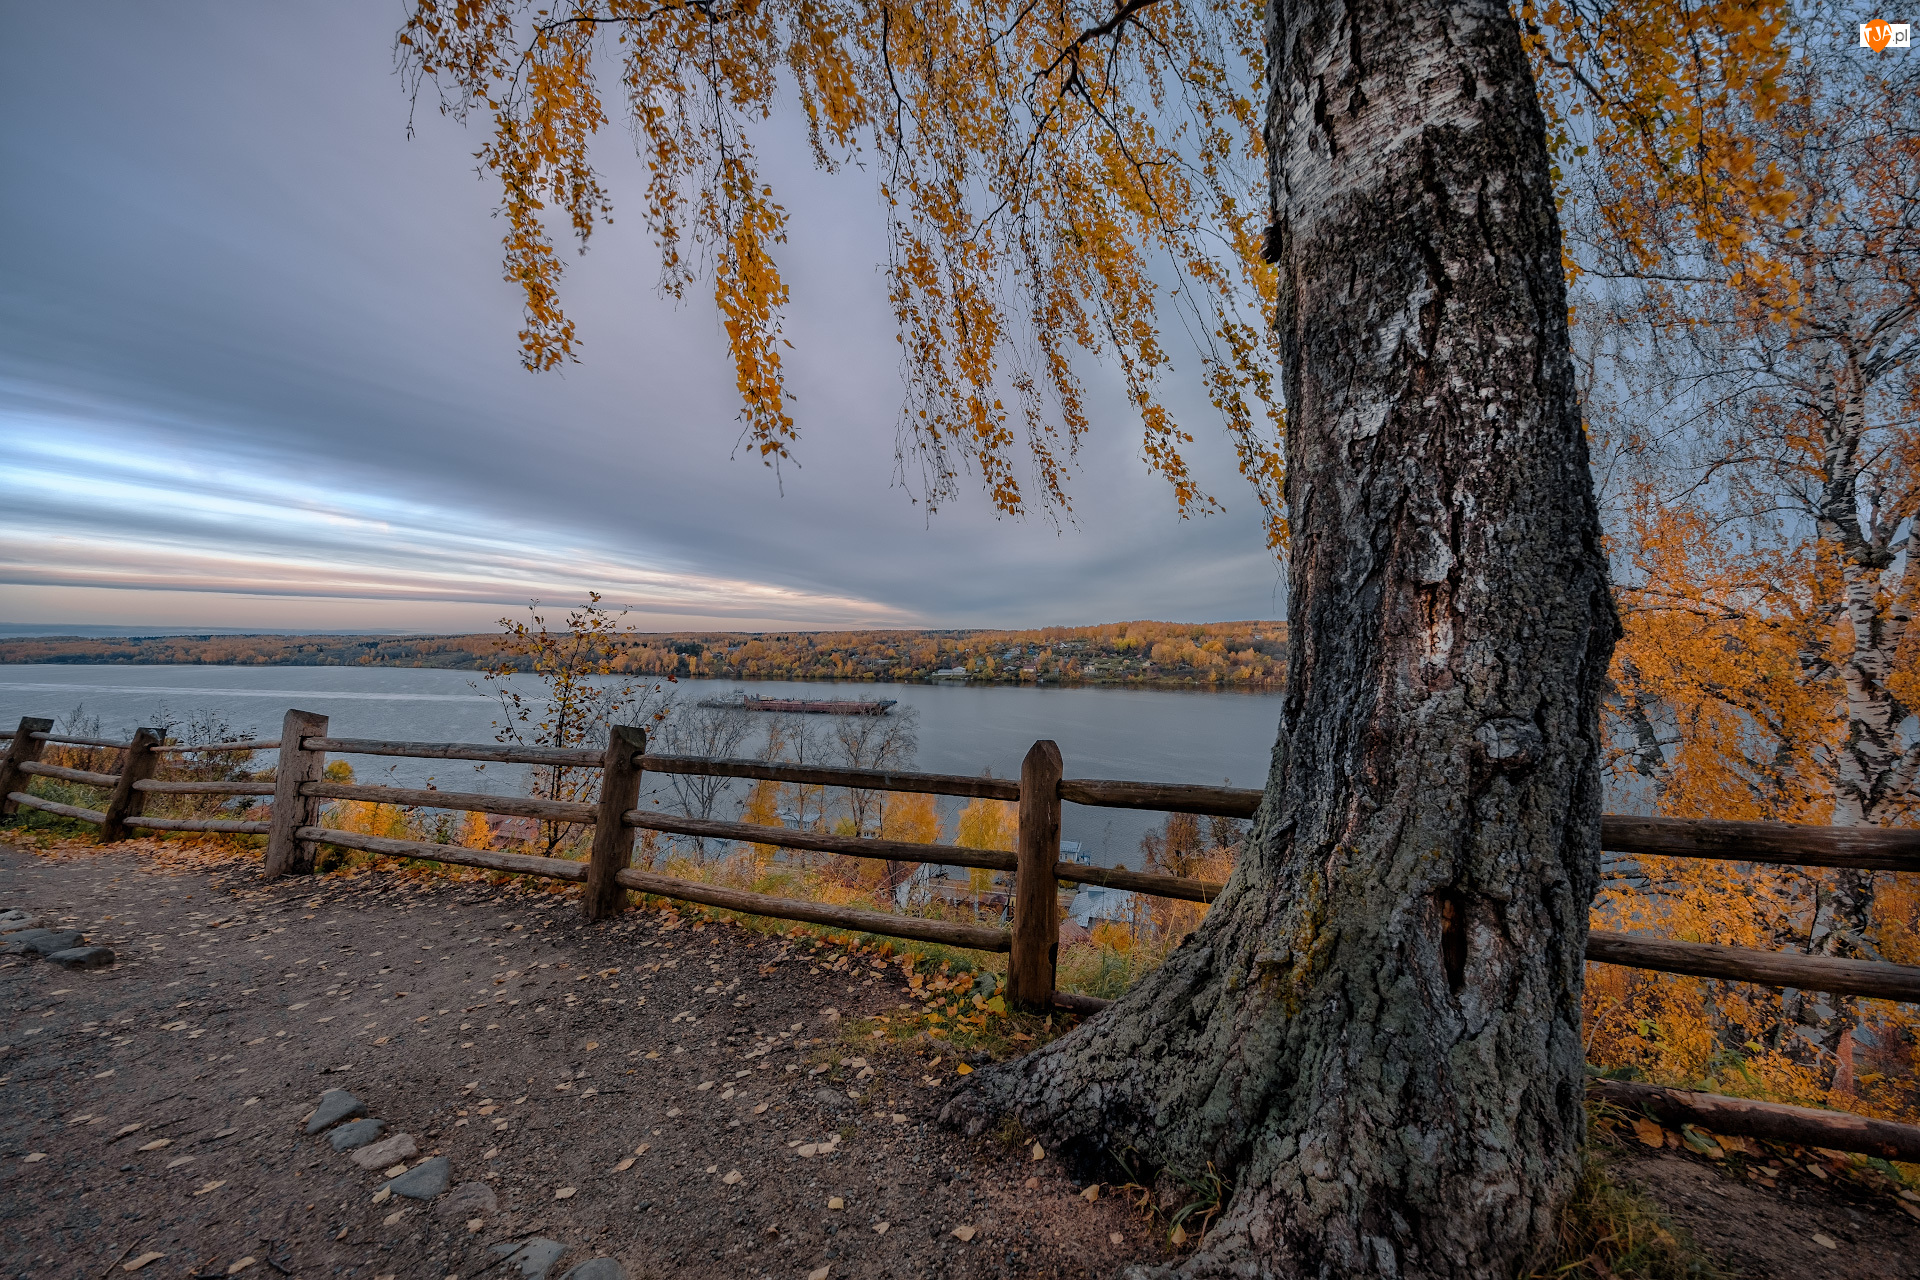 Brzoza, Drzewa, Rosja, Jesień, Rzeka Wołga, Ogrodzenie